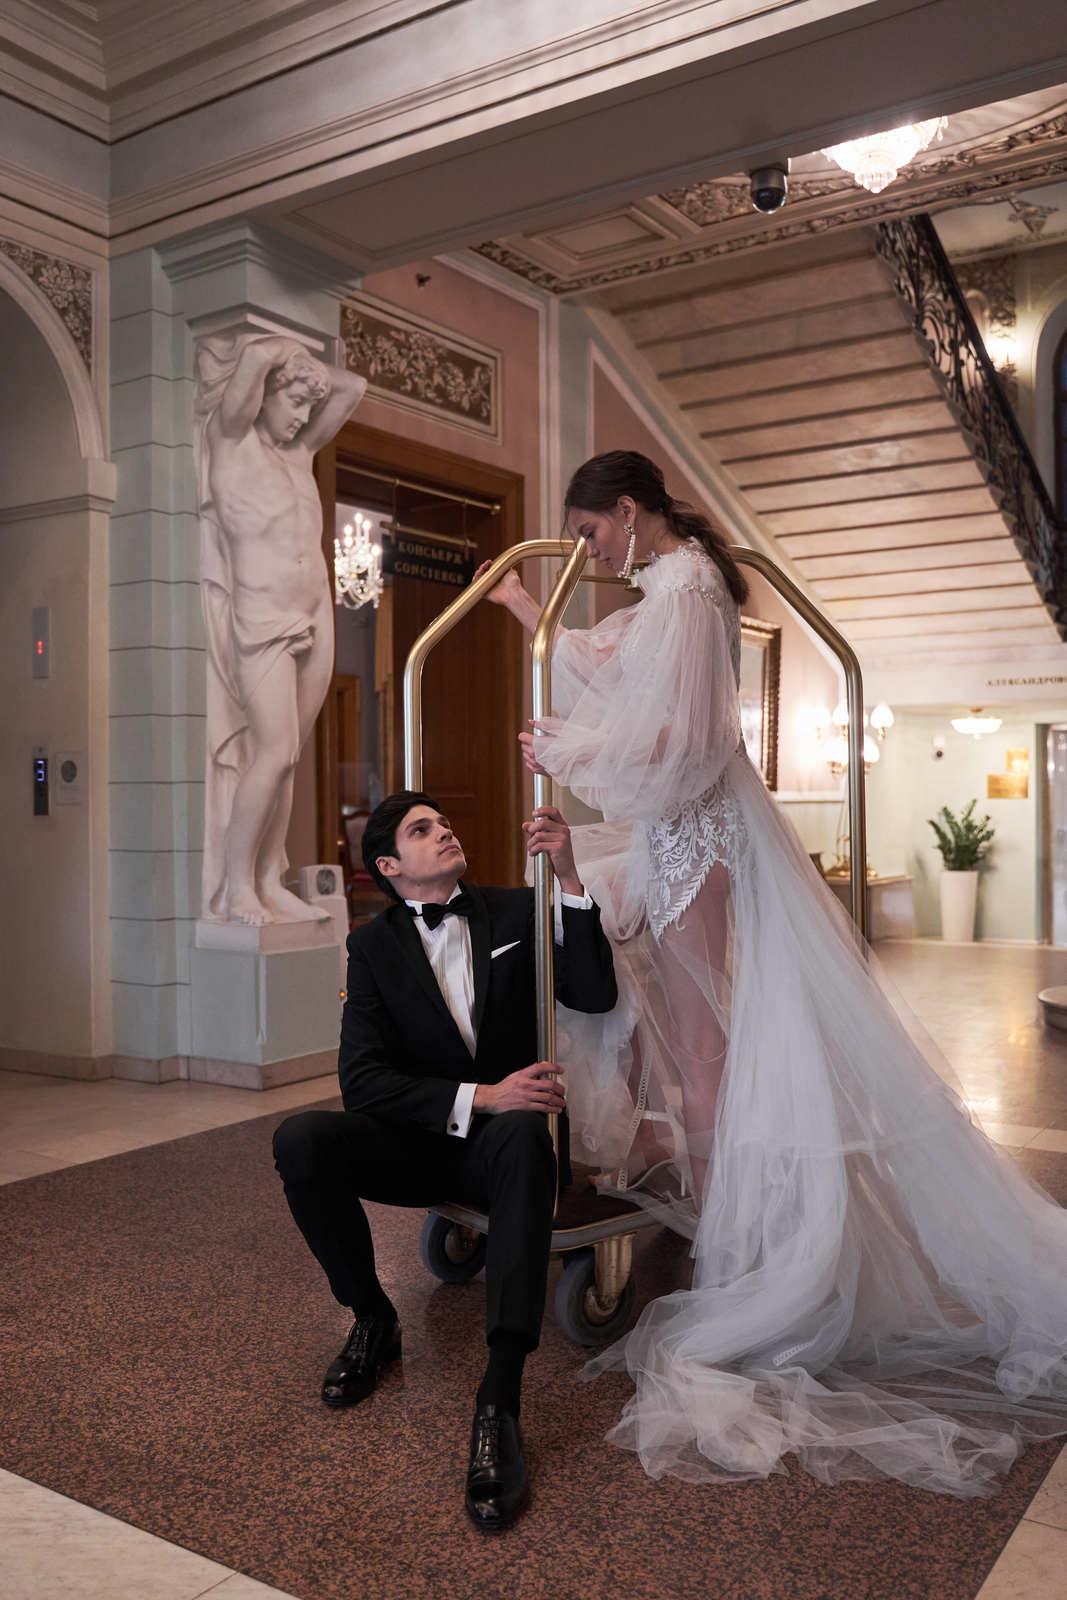 Свадьба для двоих в самом сердце Москвы: стилизованная съёмка